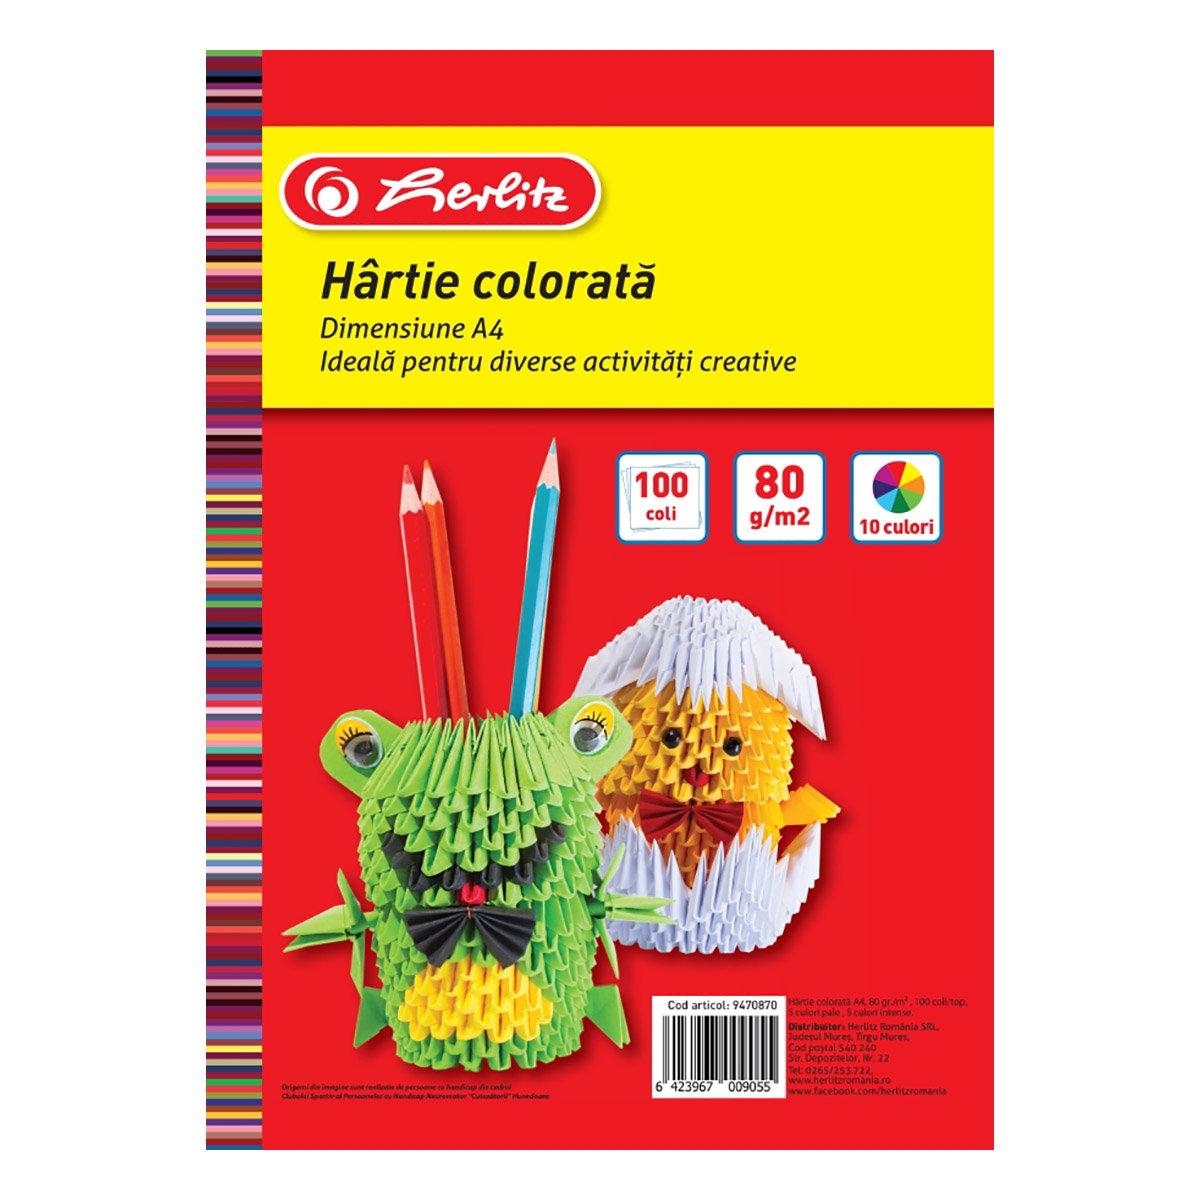 Top hartie colorata, Herlitz, A4, 100 coli, 80 g